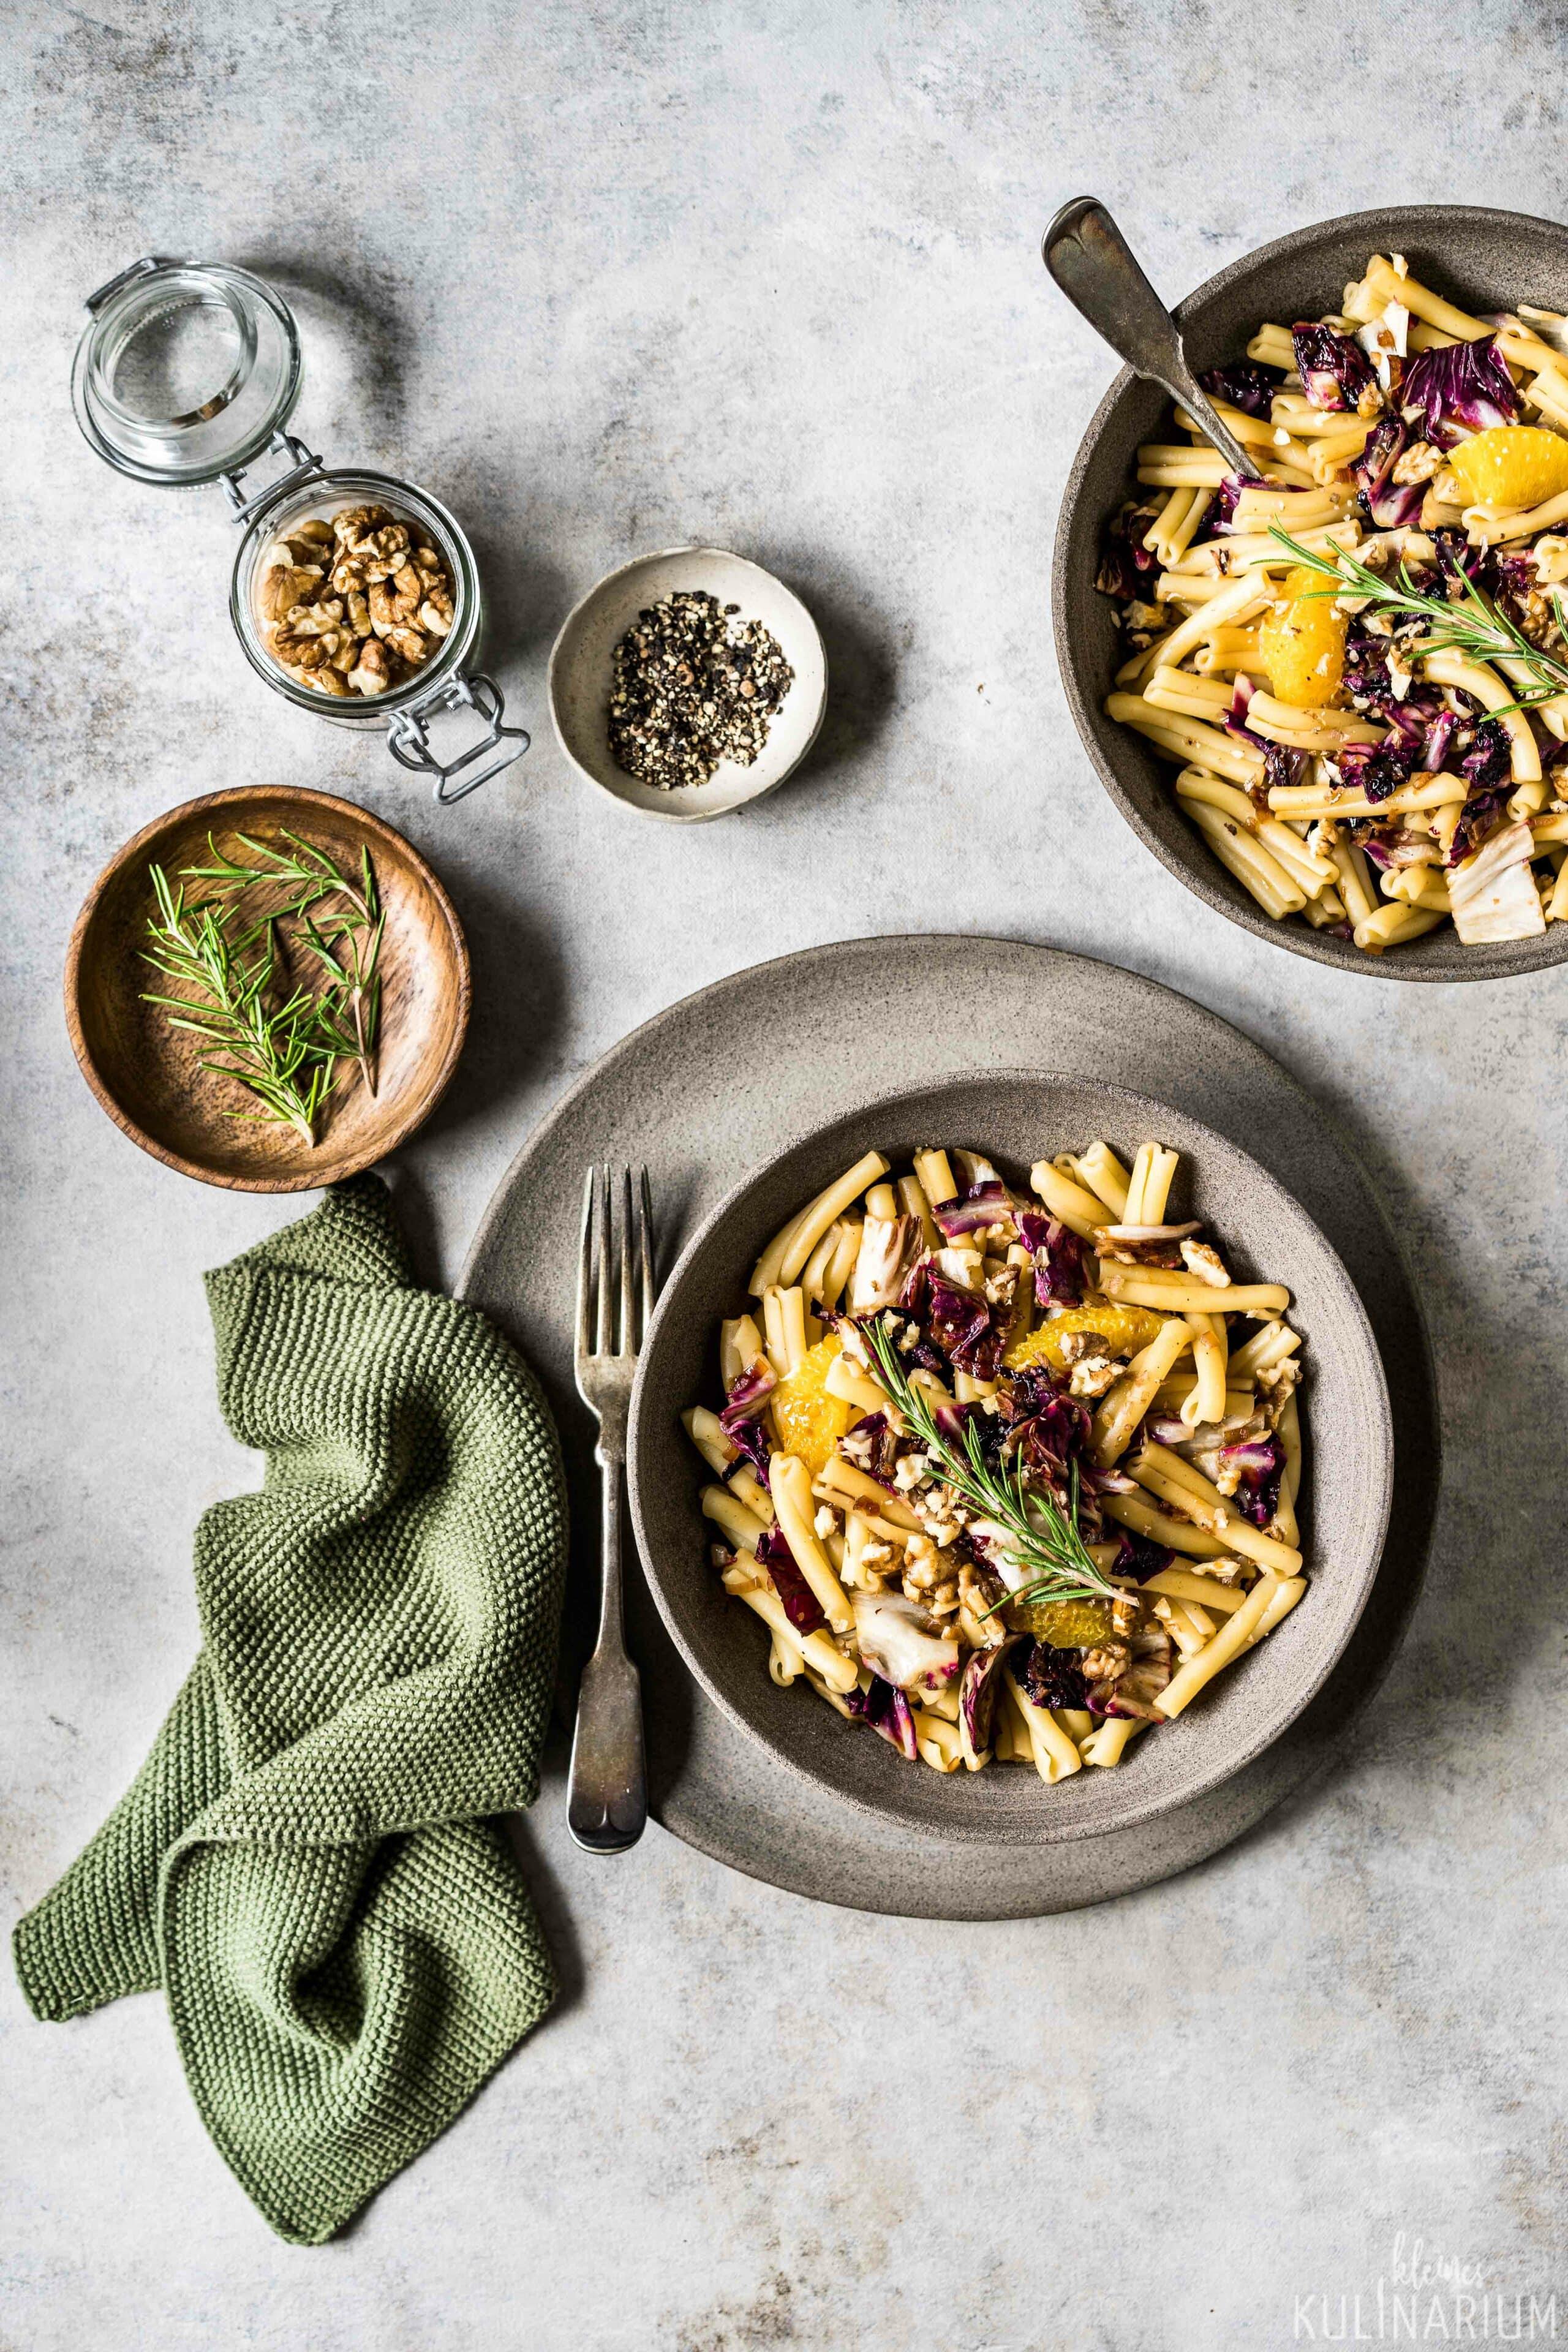 Herbstliche Pasta mit Radicchio Orangen und Aceto Balsamico di Modena g.g.A. - Kleines Kulinarium